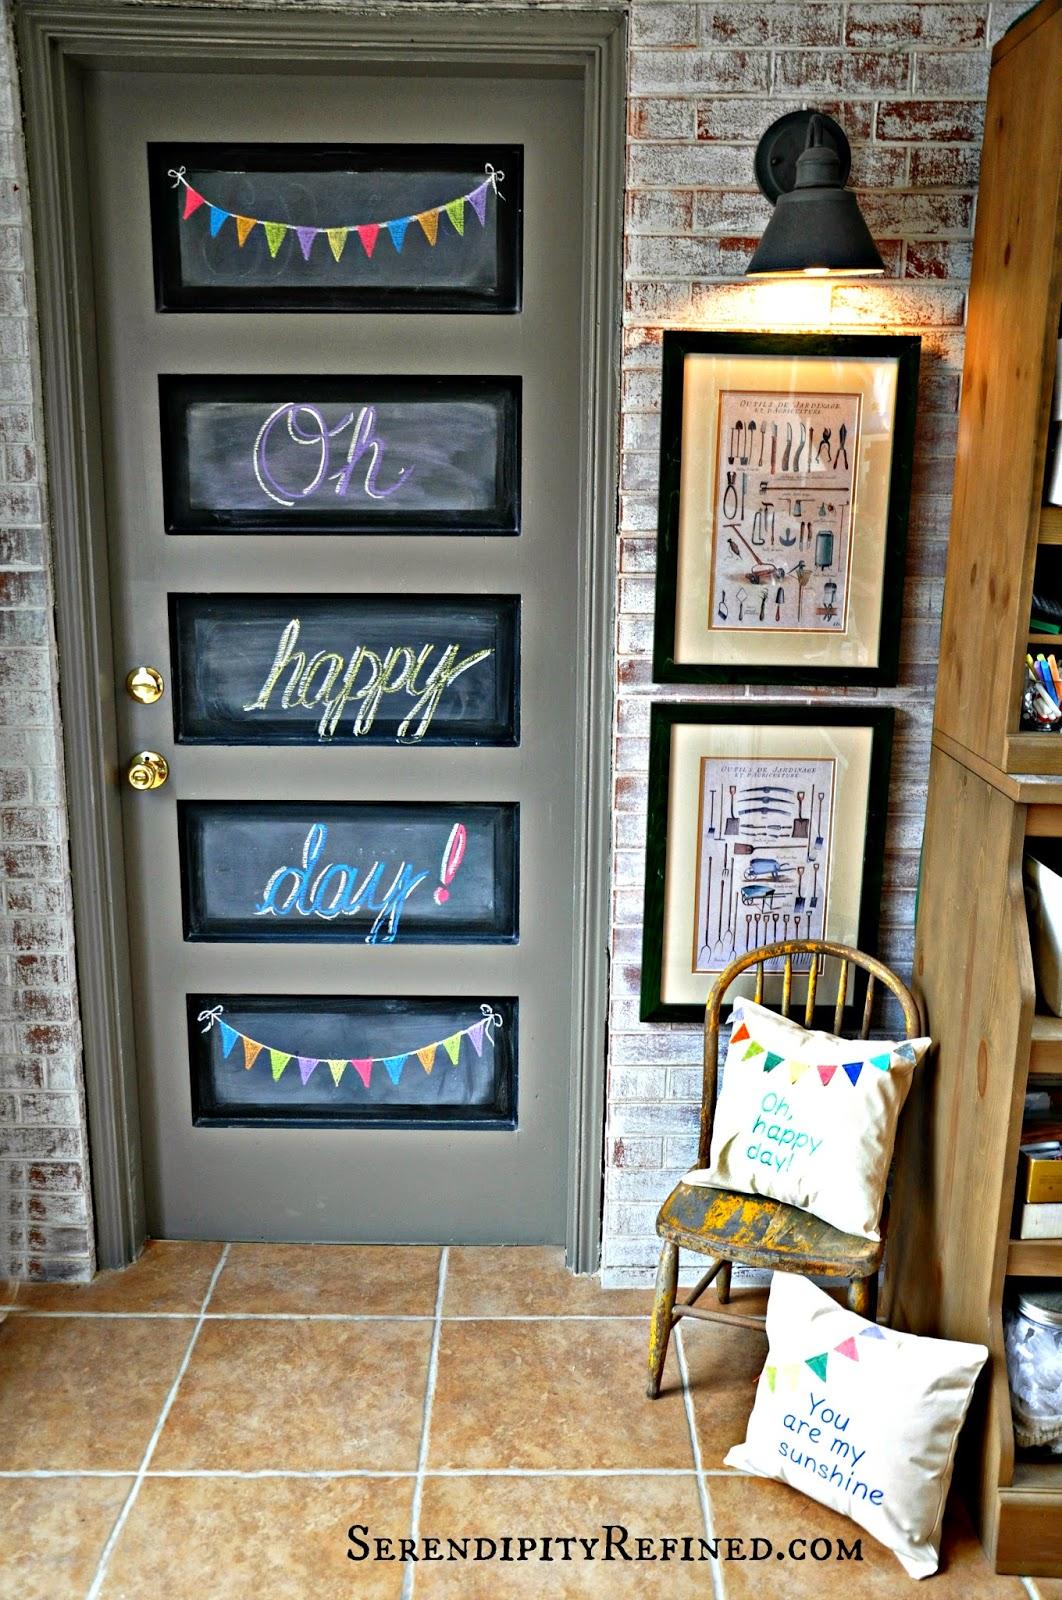 Easy DIY Chalkboard Door Art & Serendipity Refined Blog: Easy DIY Chalkboard Door Art